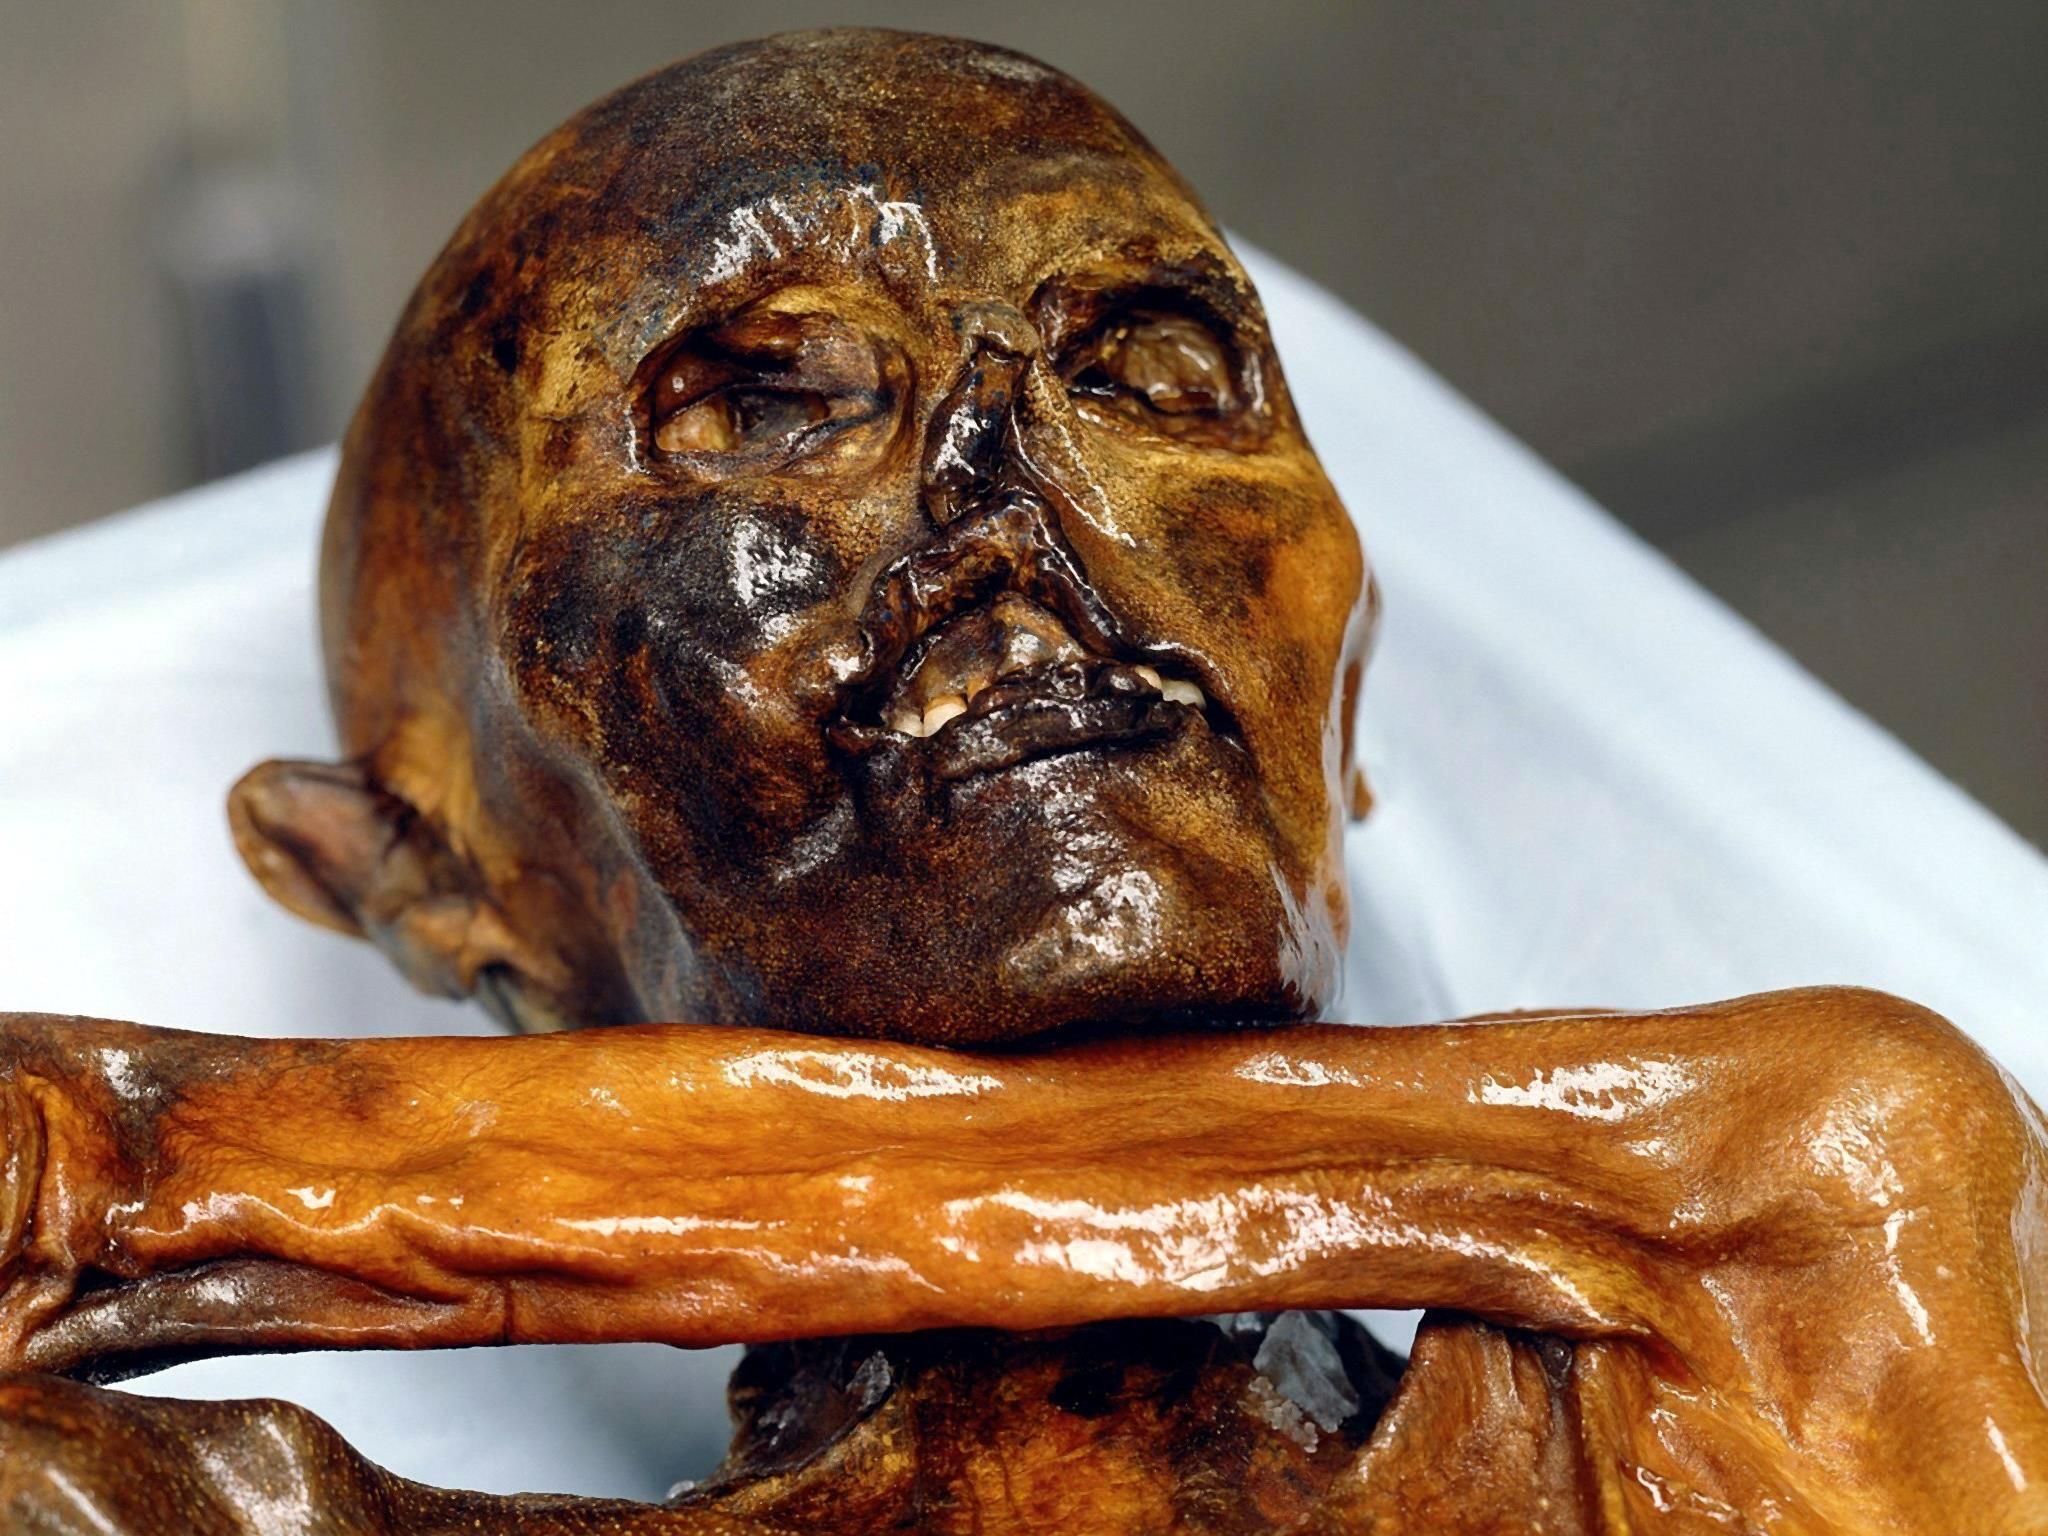 Die Ahnen von Ötzi stammen wohl aus Asien.